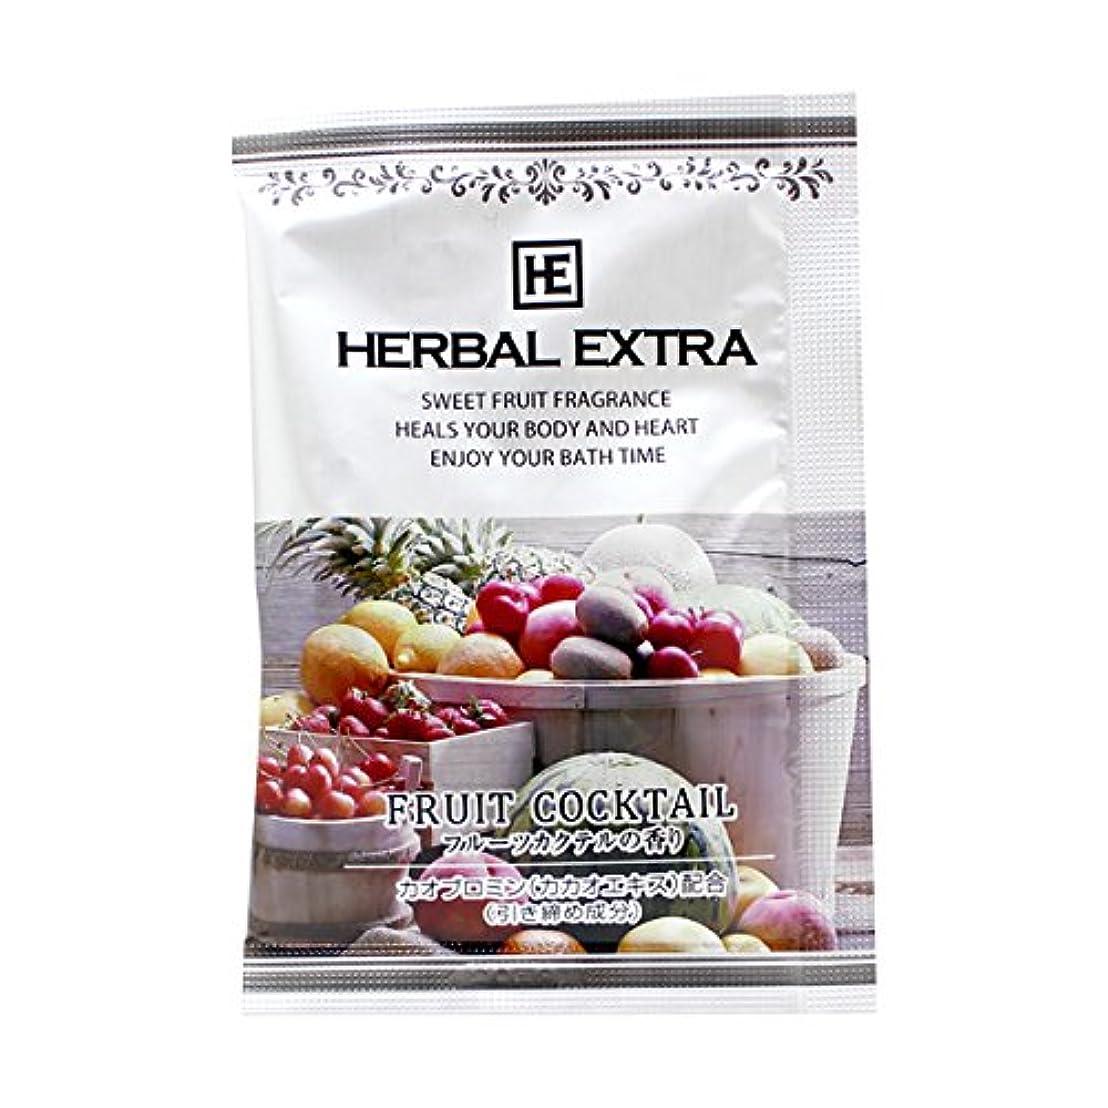 ランダムひいきにするパズル入浴剤 ハーバルエクストラ「フルーツカクテルの香り」30個